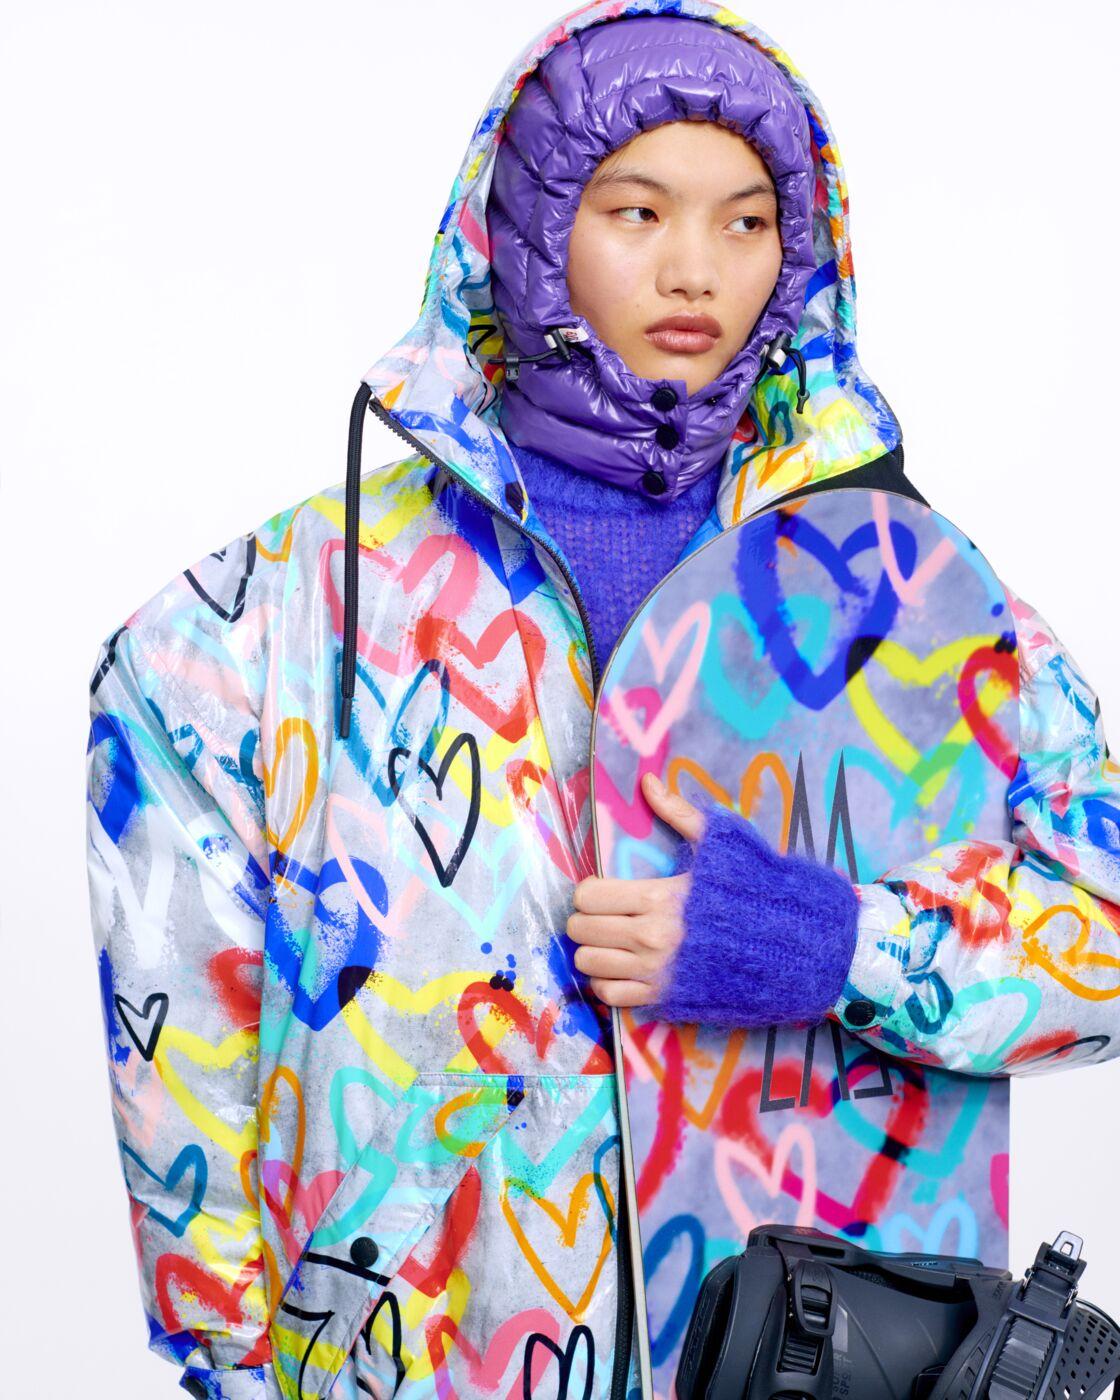 Cette saison, la collection de doudoune Moncler explose de couleurs fortes et s'anime de motifs audacieux.